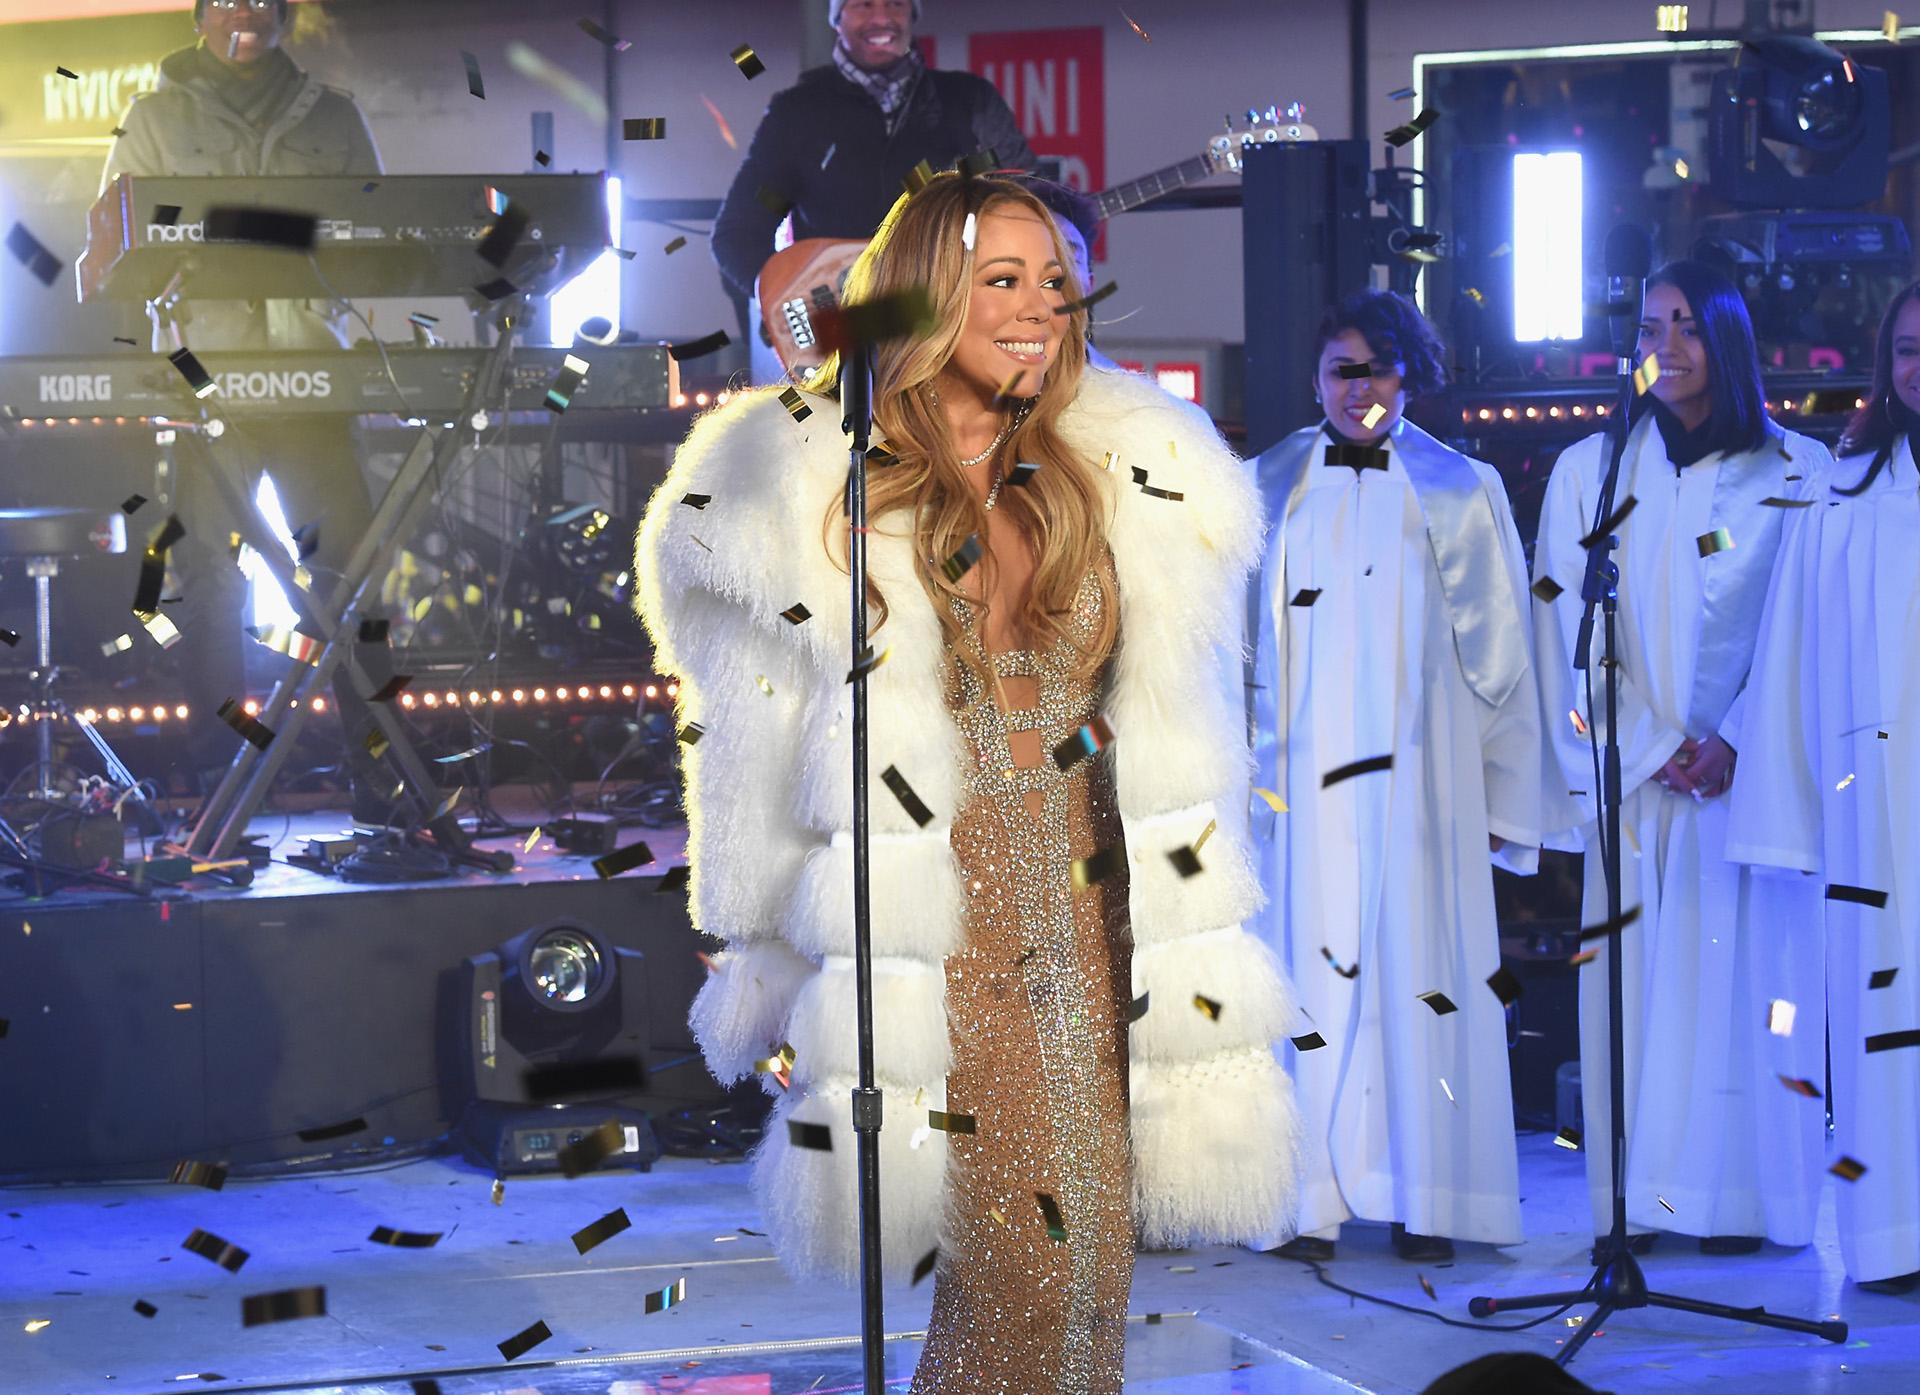 Una vez en el escenario, intentó quitarse el tapado pero el intenso frío neoyorquino no se lo permitió y solo pudo verse el gran escote de su vestido nude con brillos plata